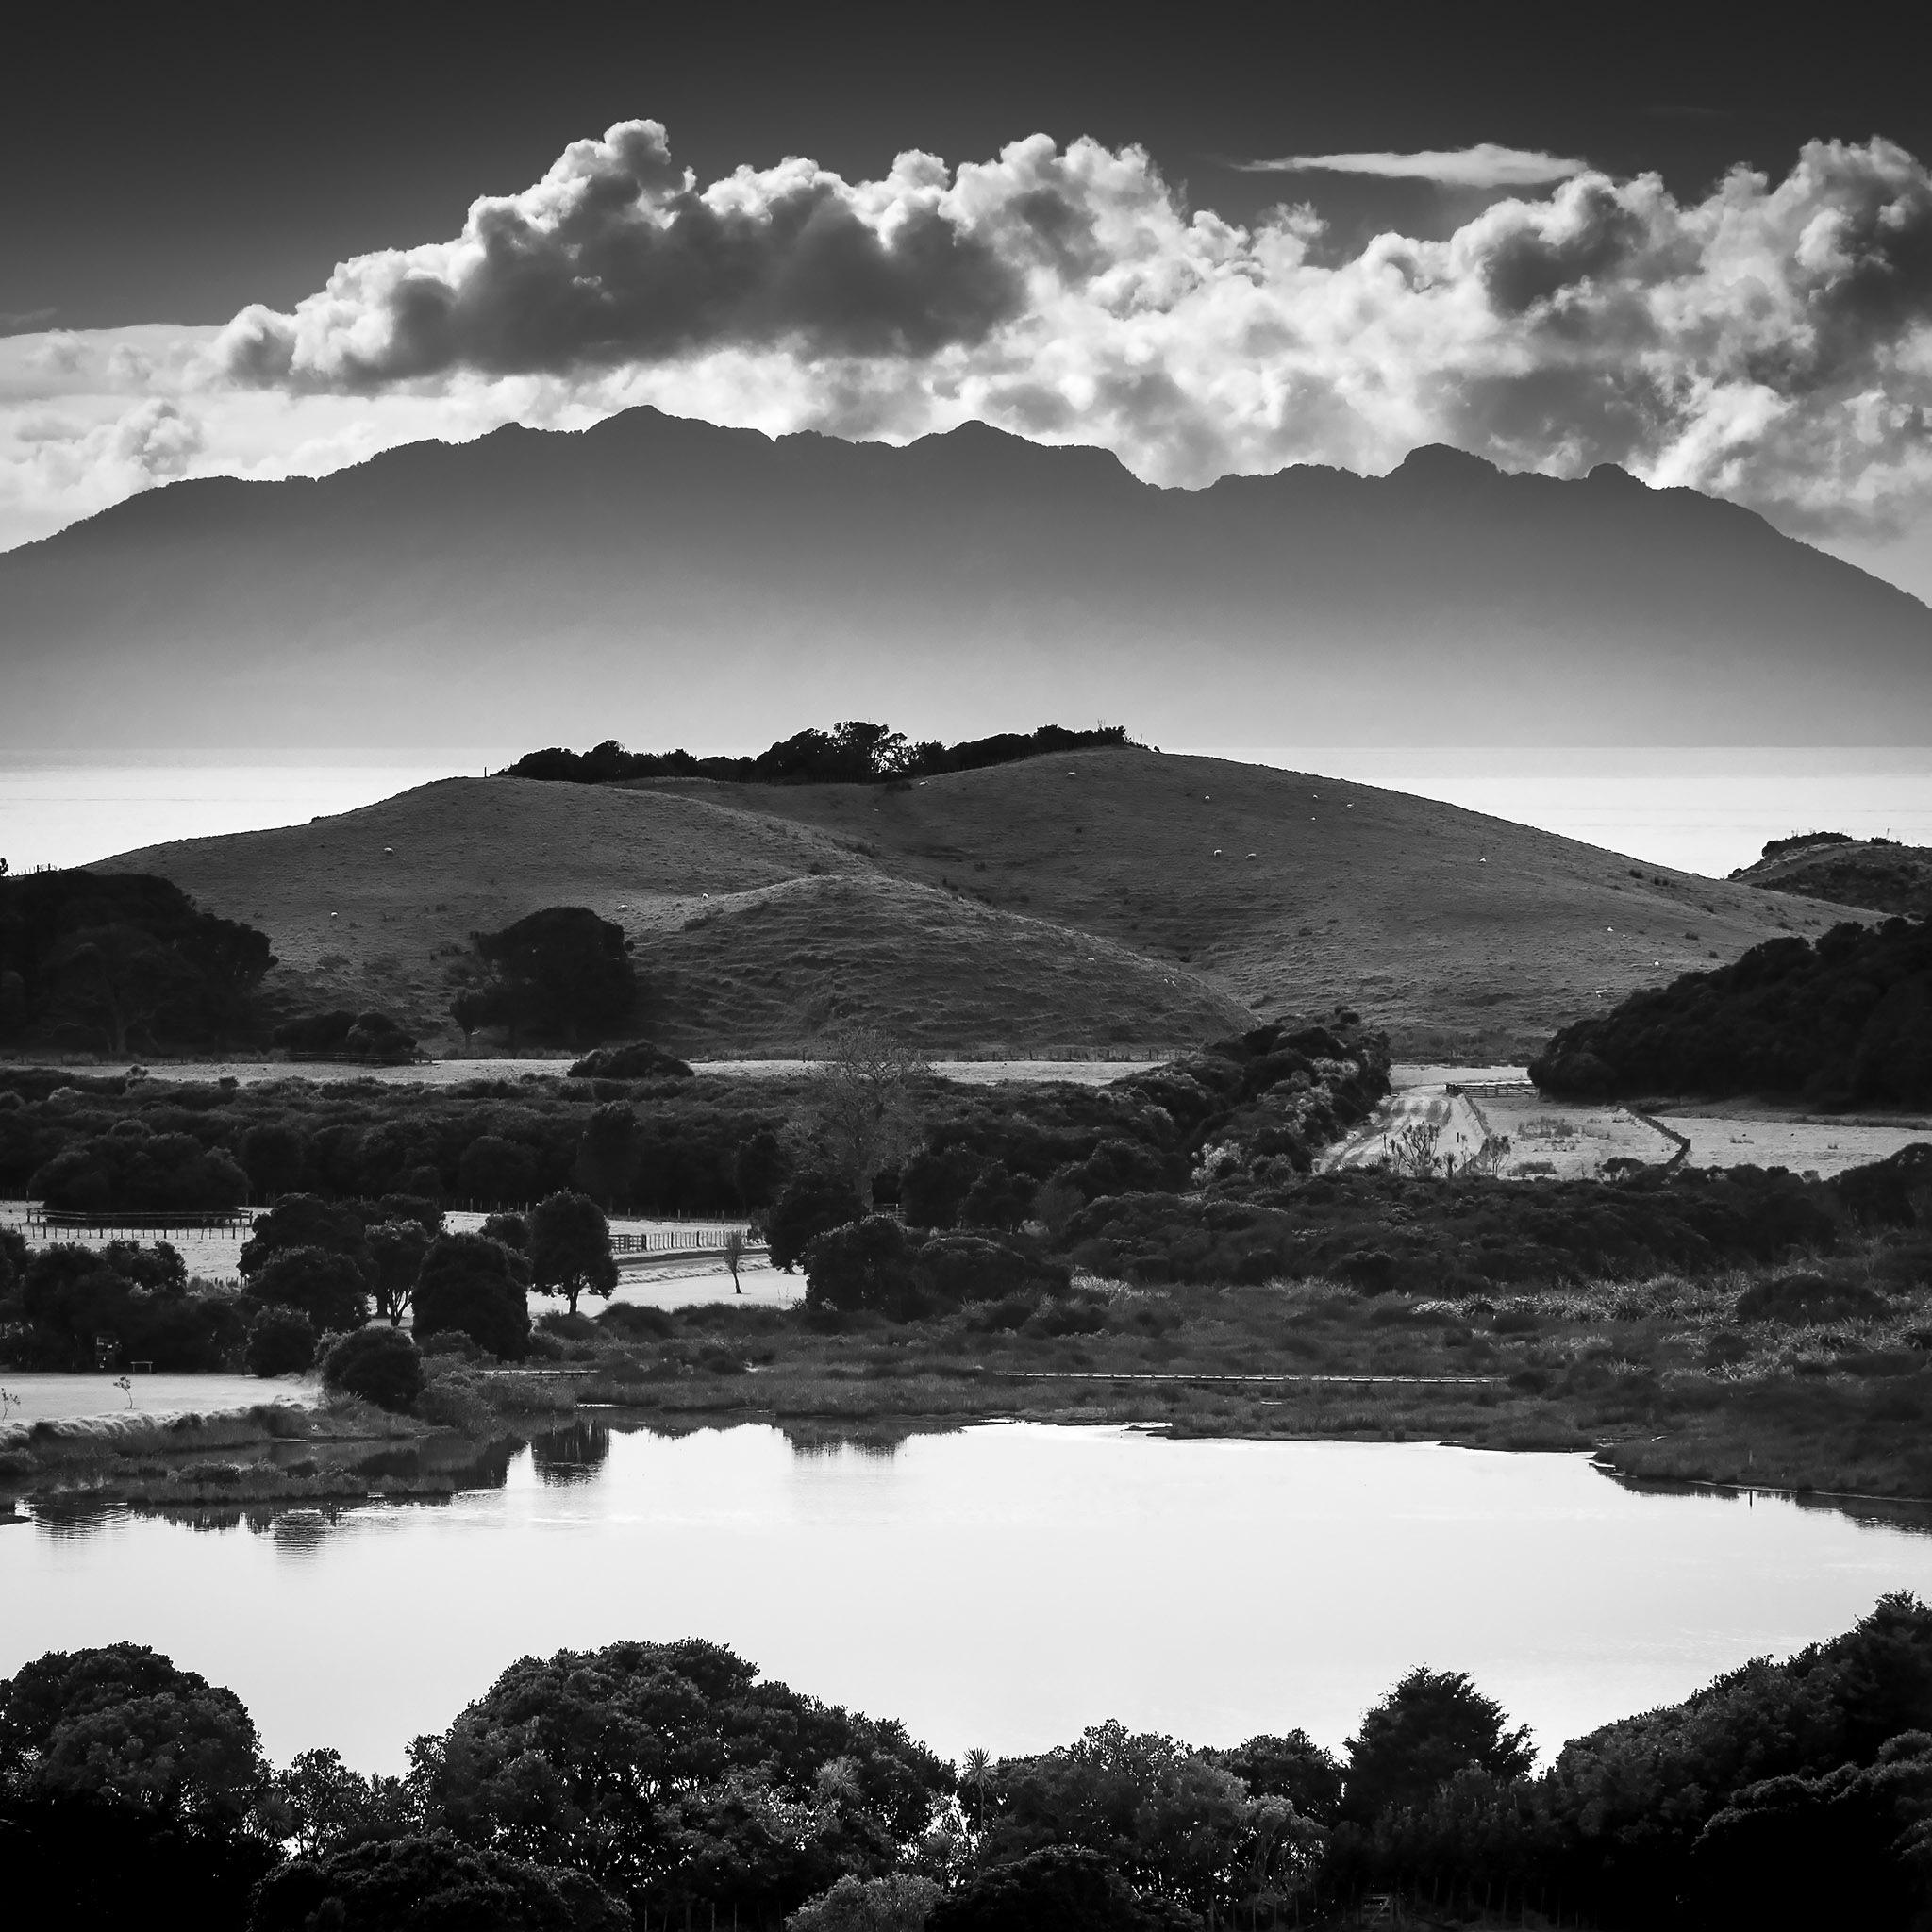 Lagoon, Sea & Island by Hugh Jones